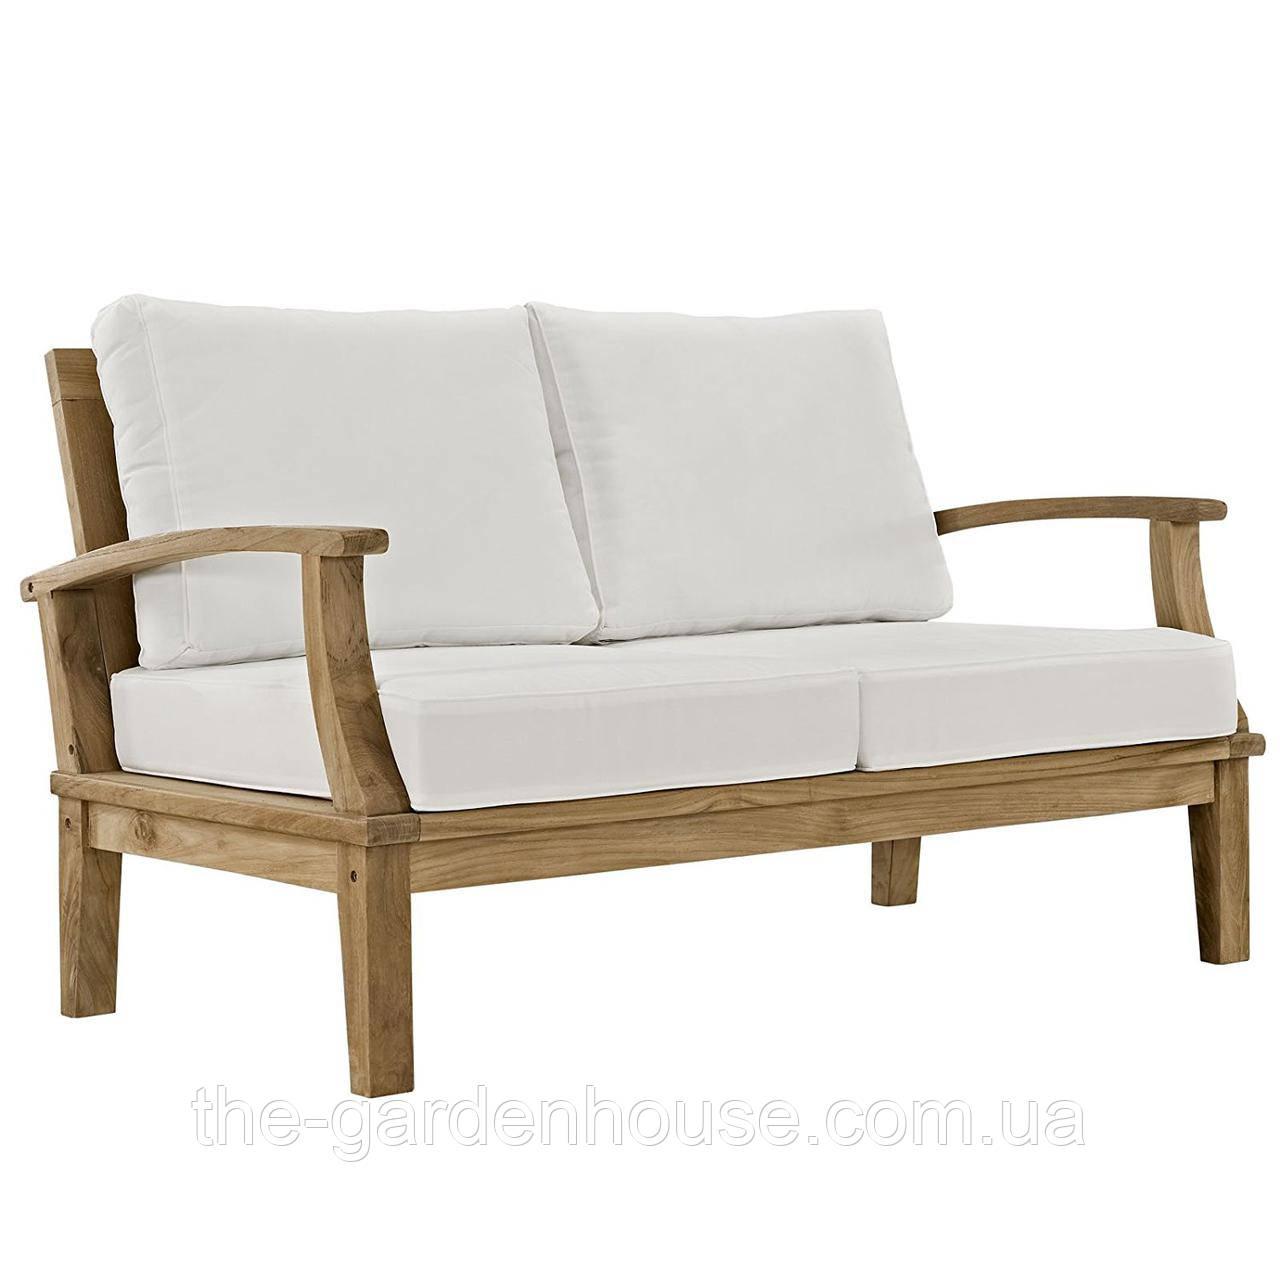 Садовый диван из дерева тика